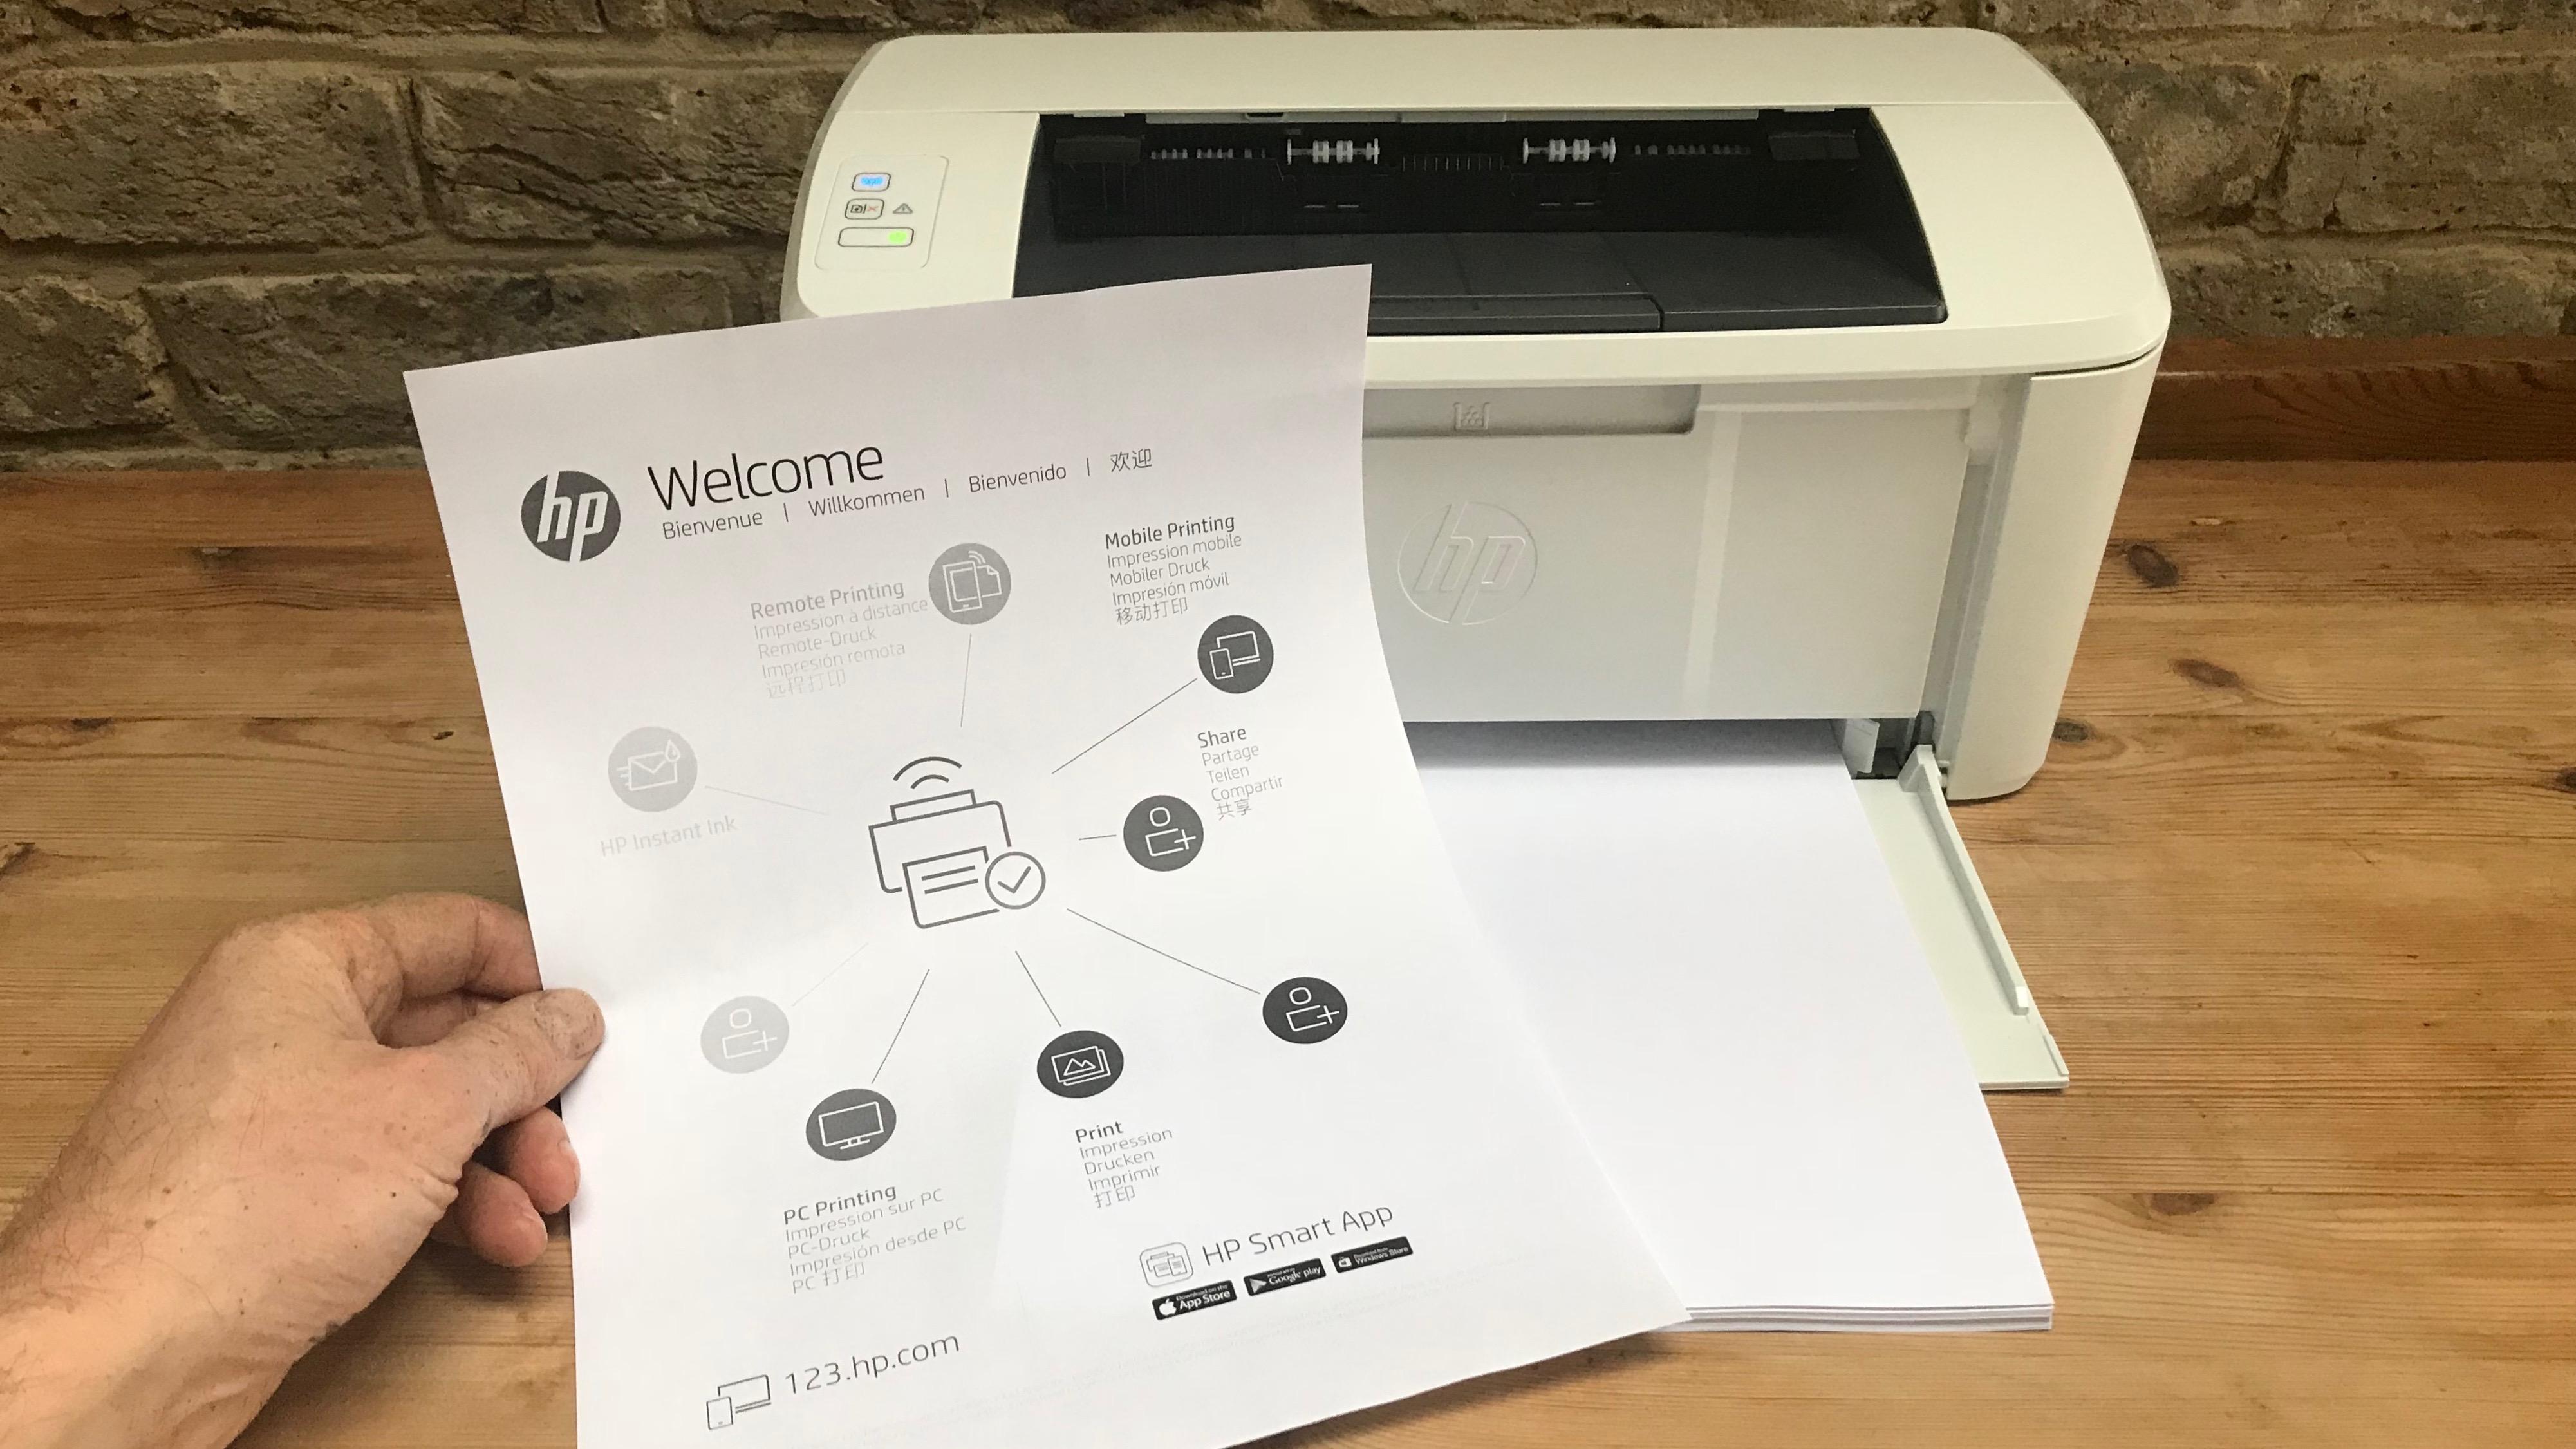 HP LaserJet Pro M15w test page